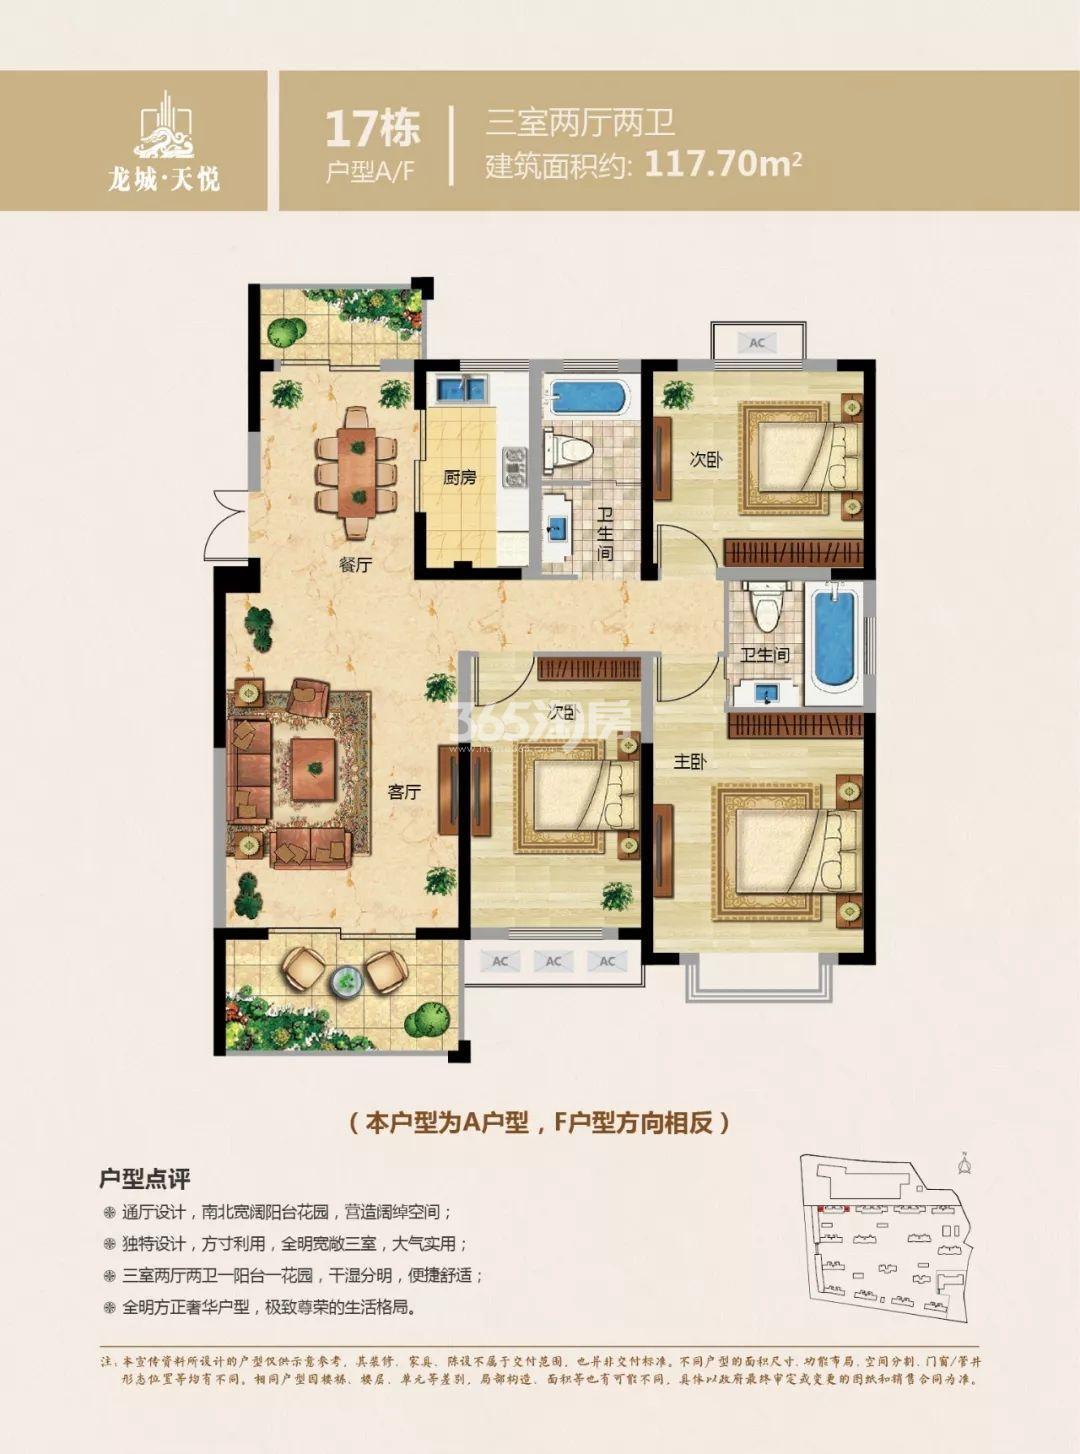 17栋A/F 户型 3室2厅1卫 117.7㎡